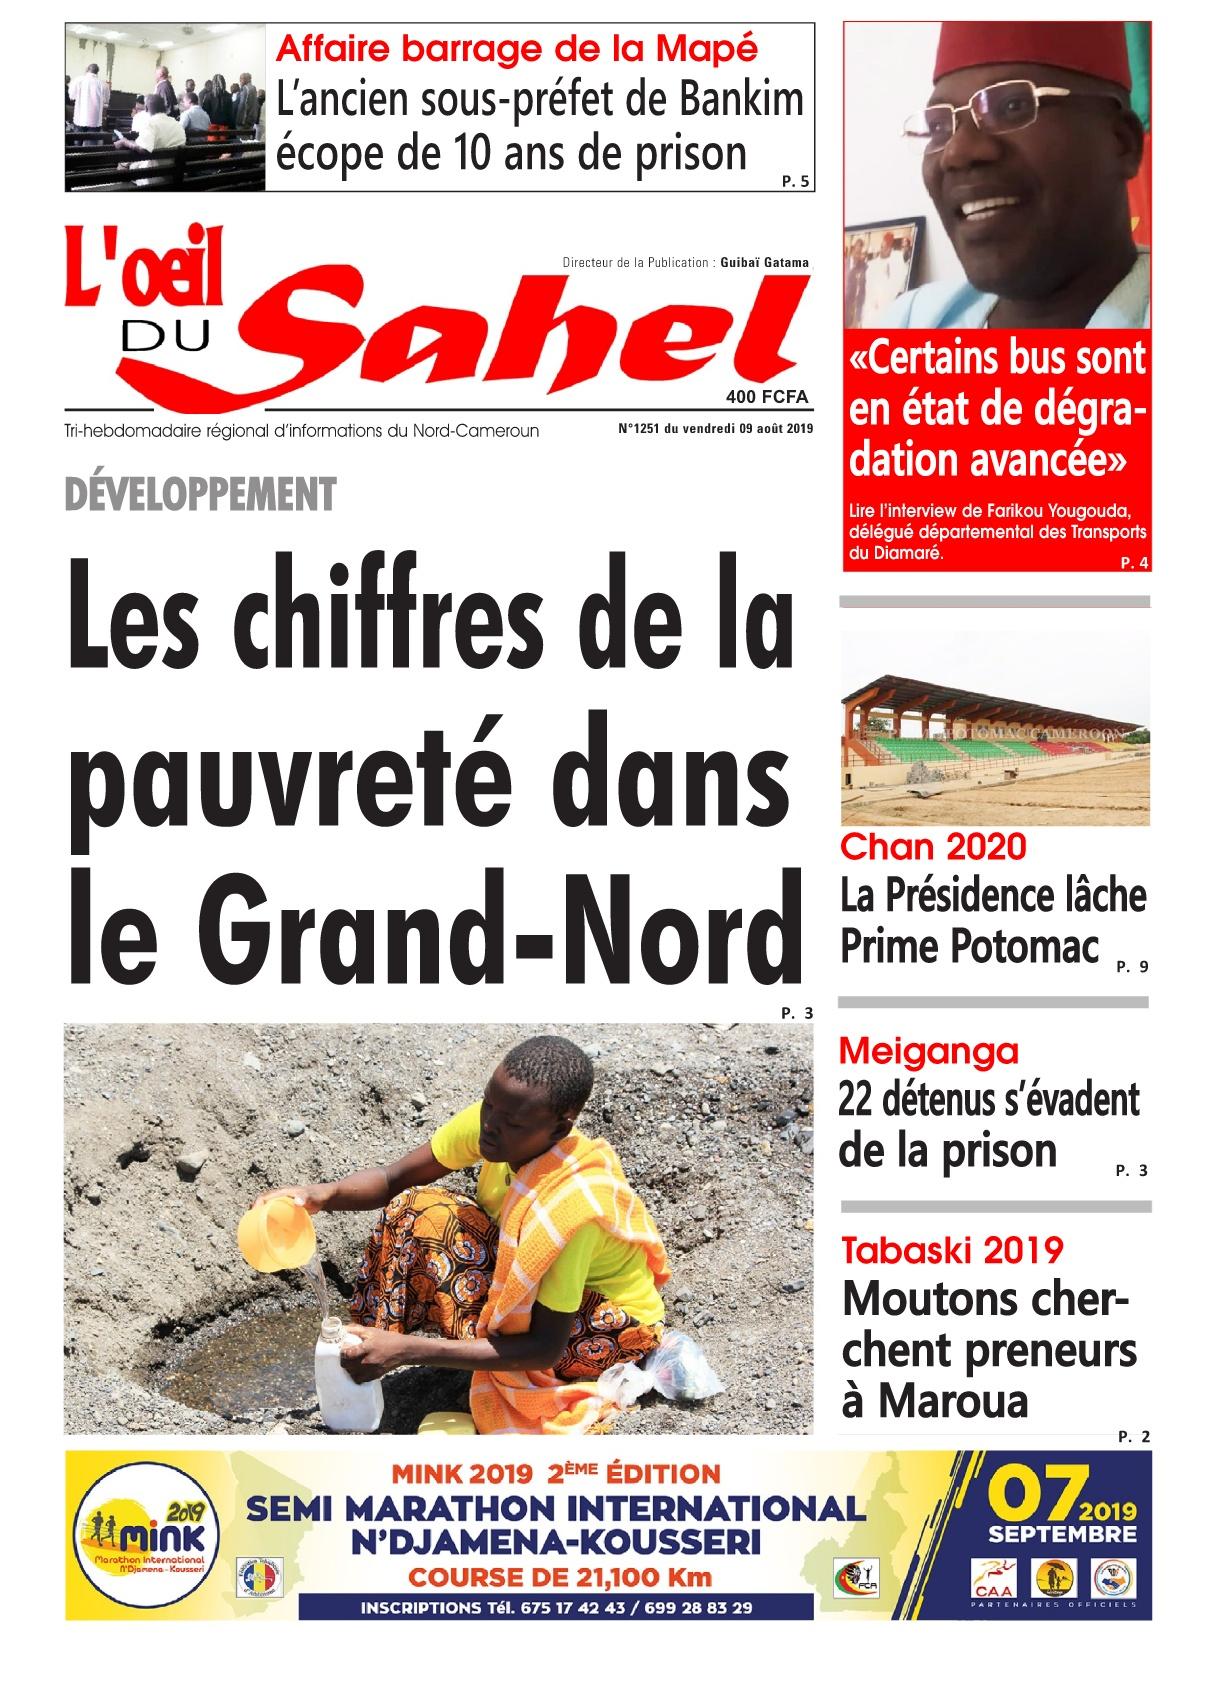 L'oeil du Sahel - 09/08/2019